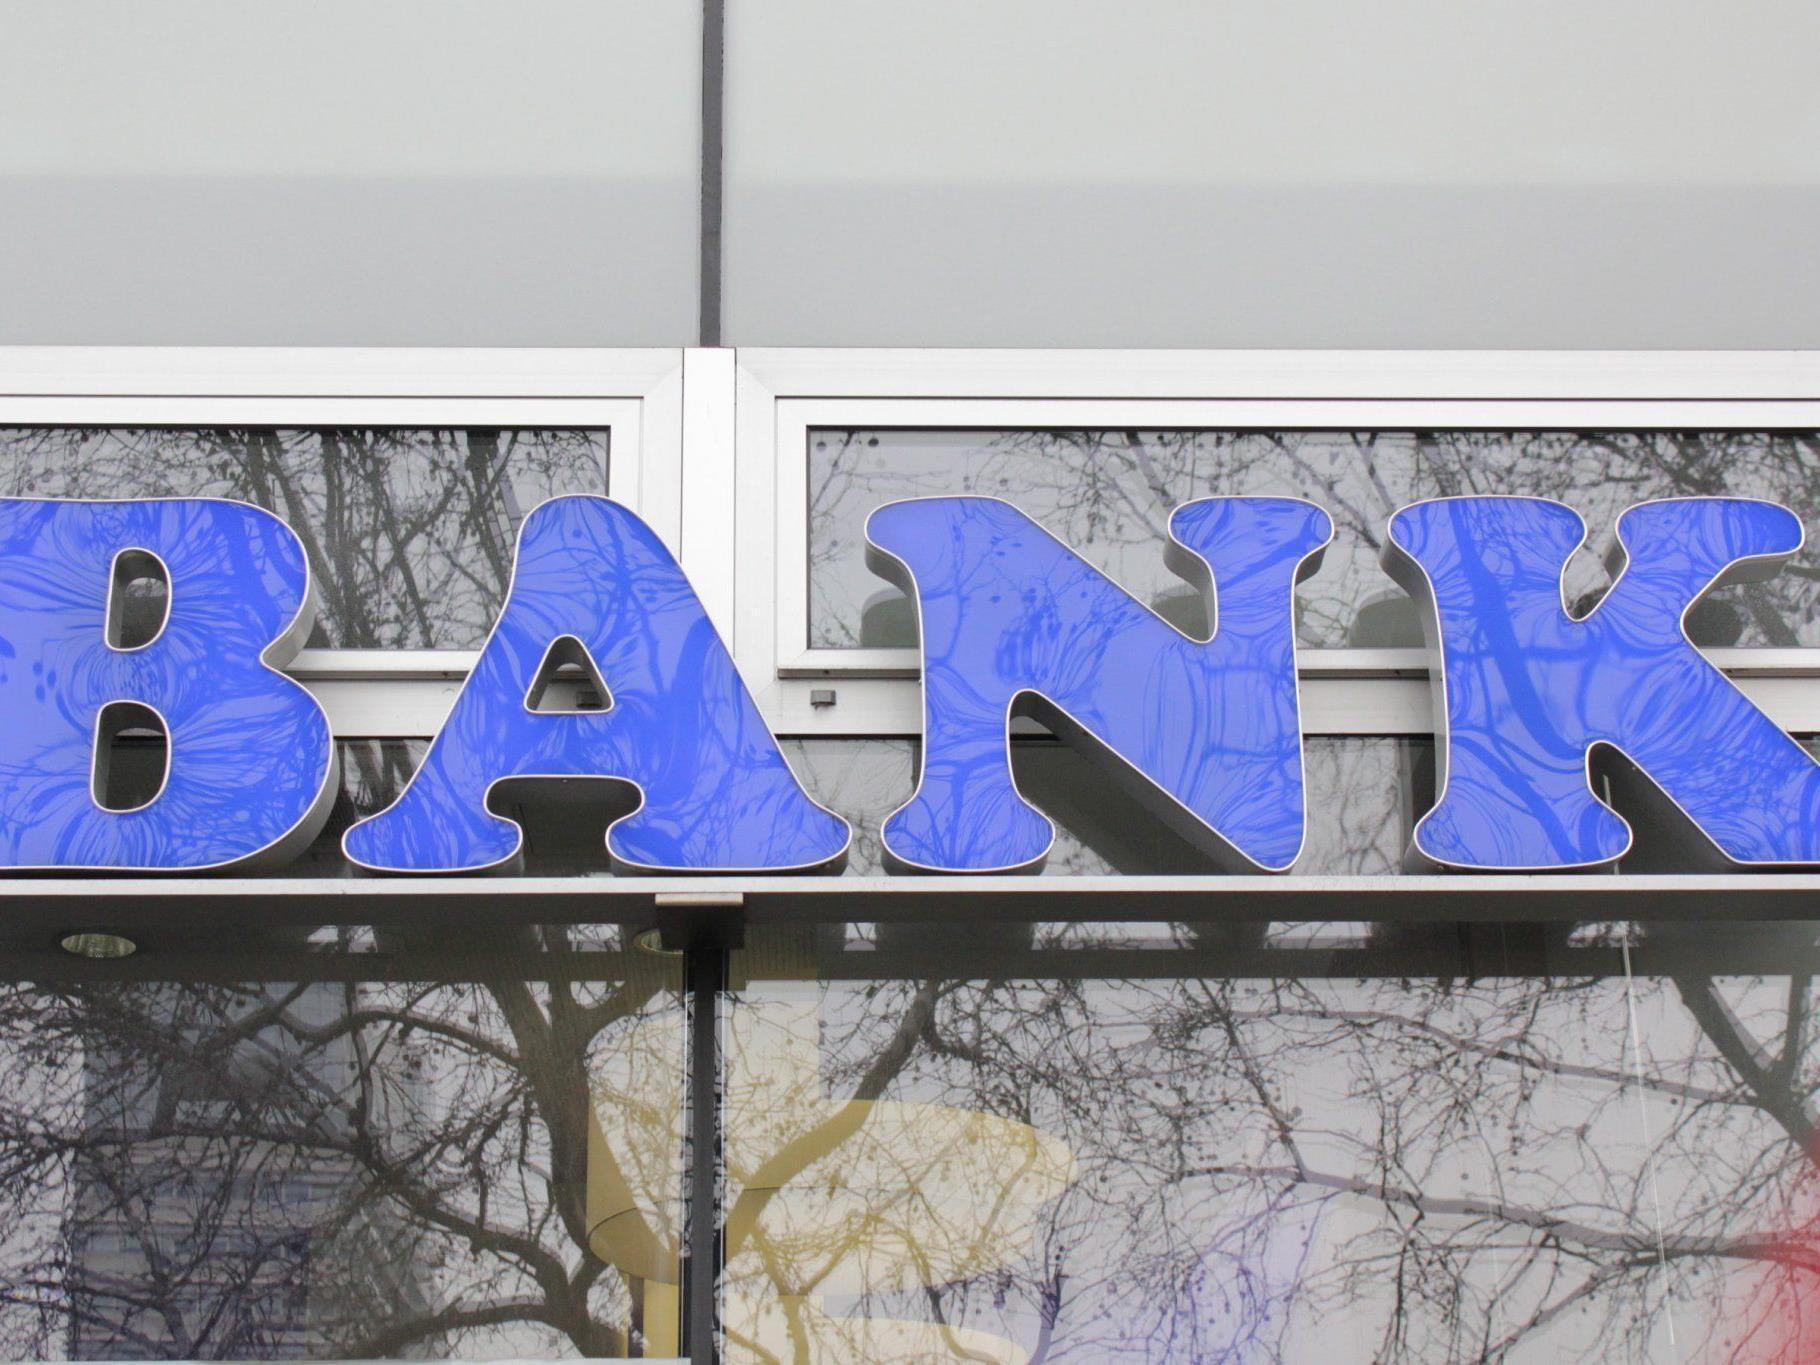 Eine Filiale der Gärtnerbank wurde in Simmering überfallen